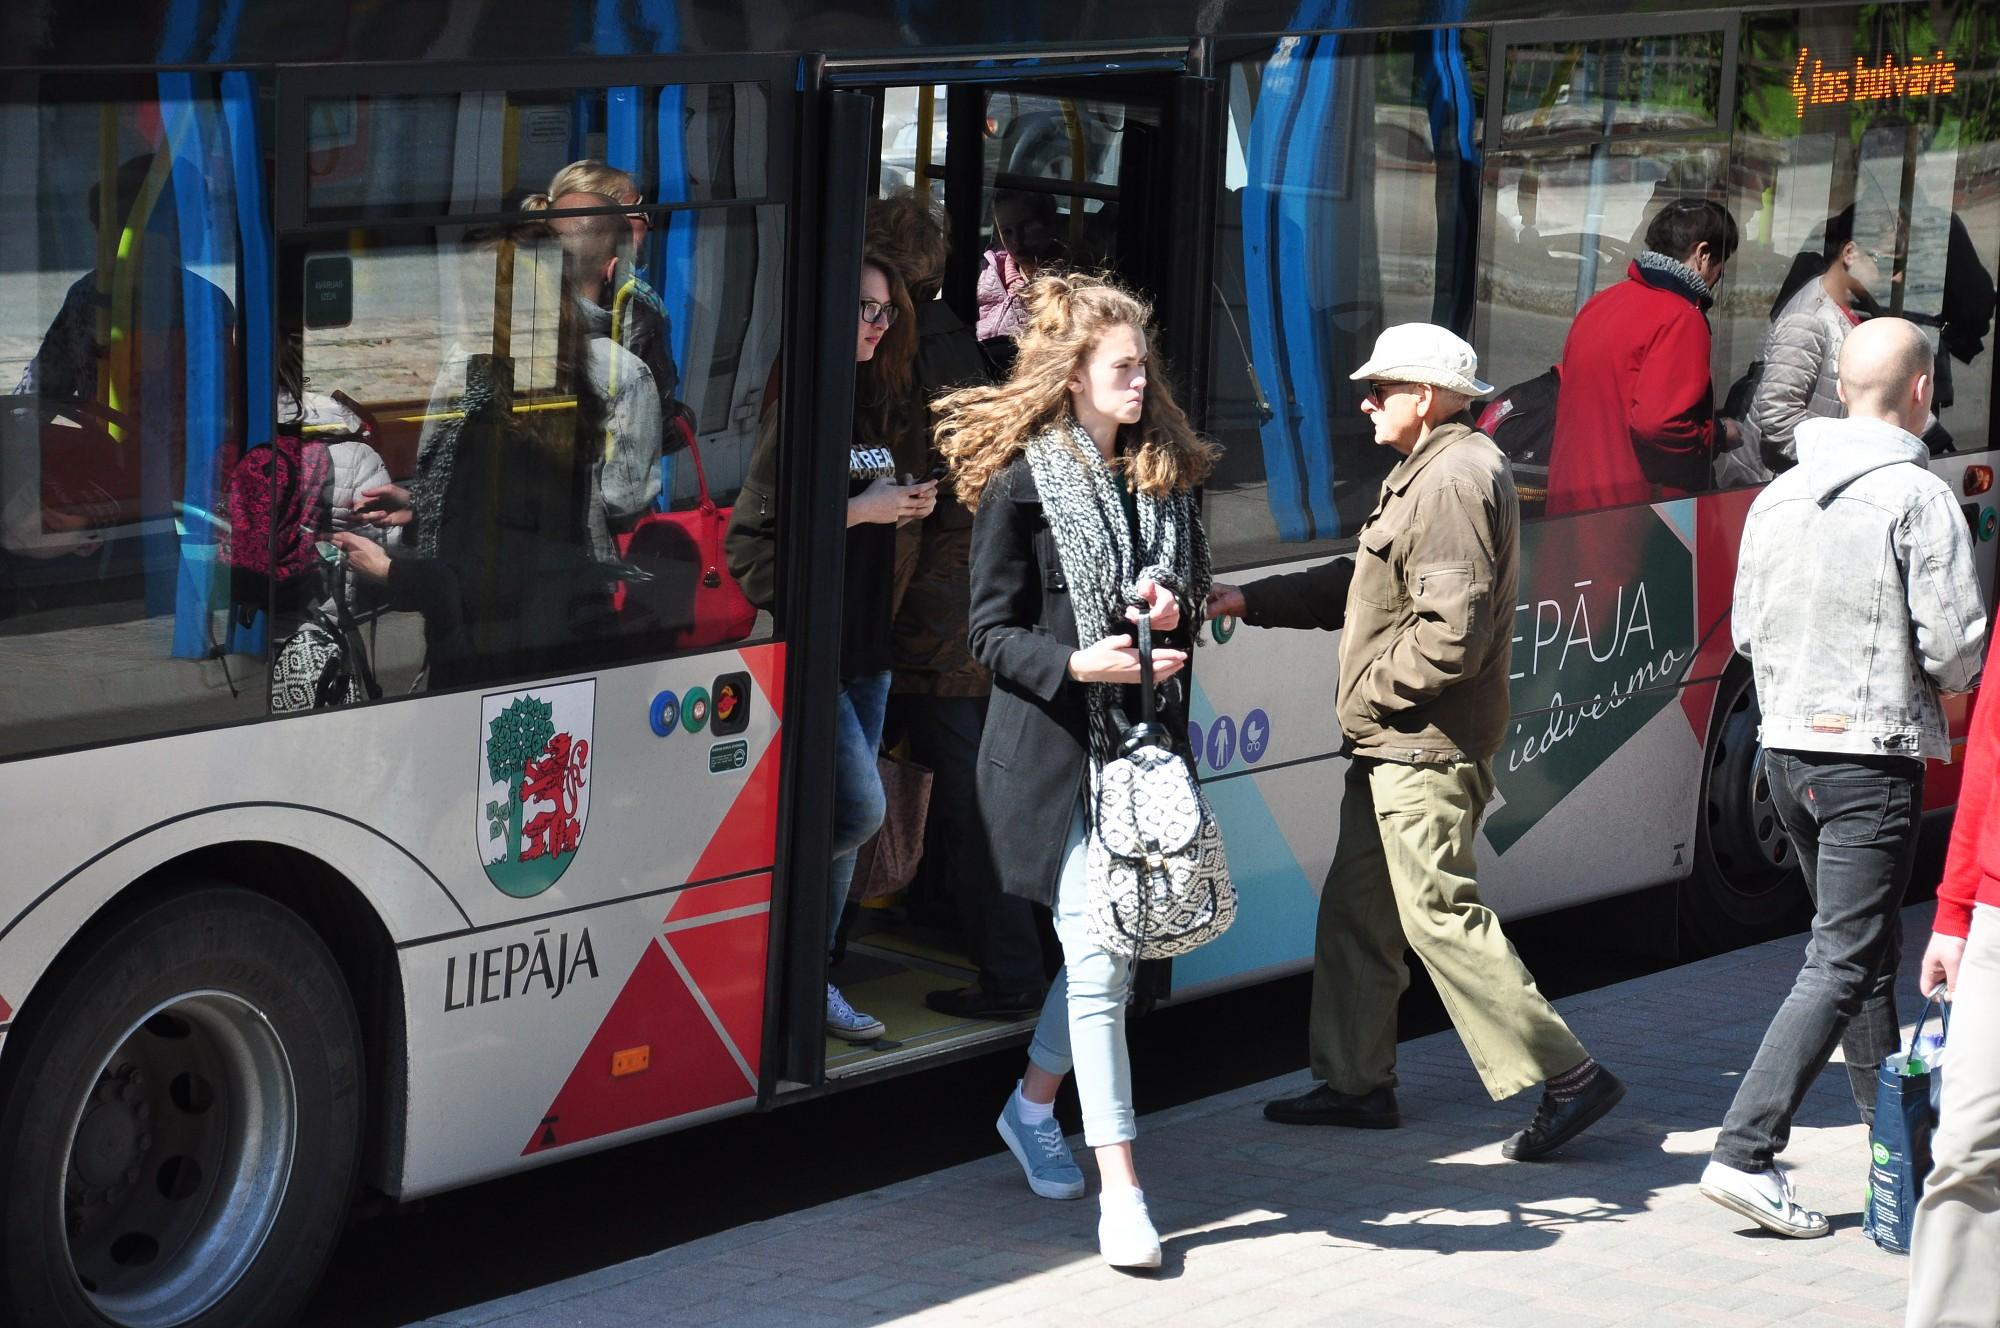 Pusmaratona laikā būs izmaiņas sabiedriskā transporta plūsmā